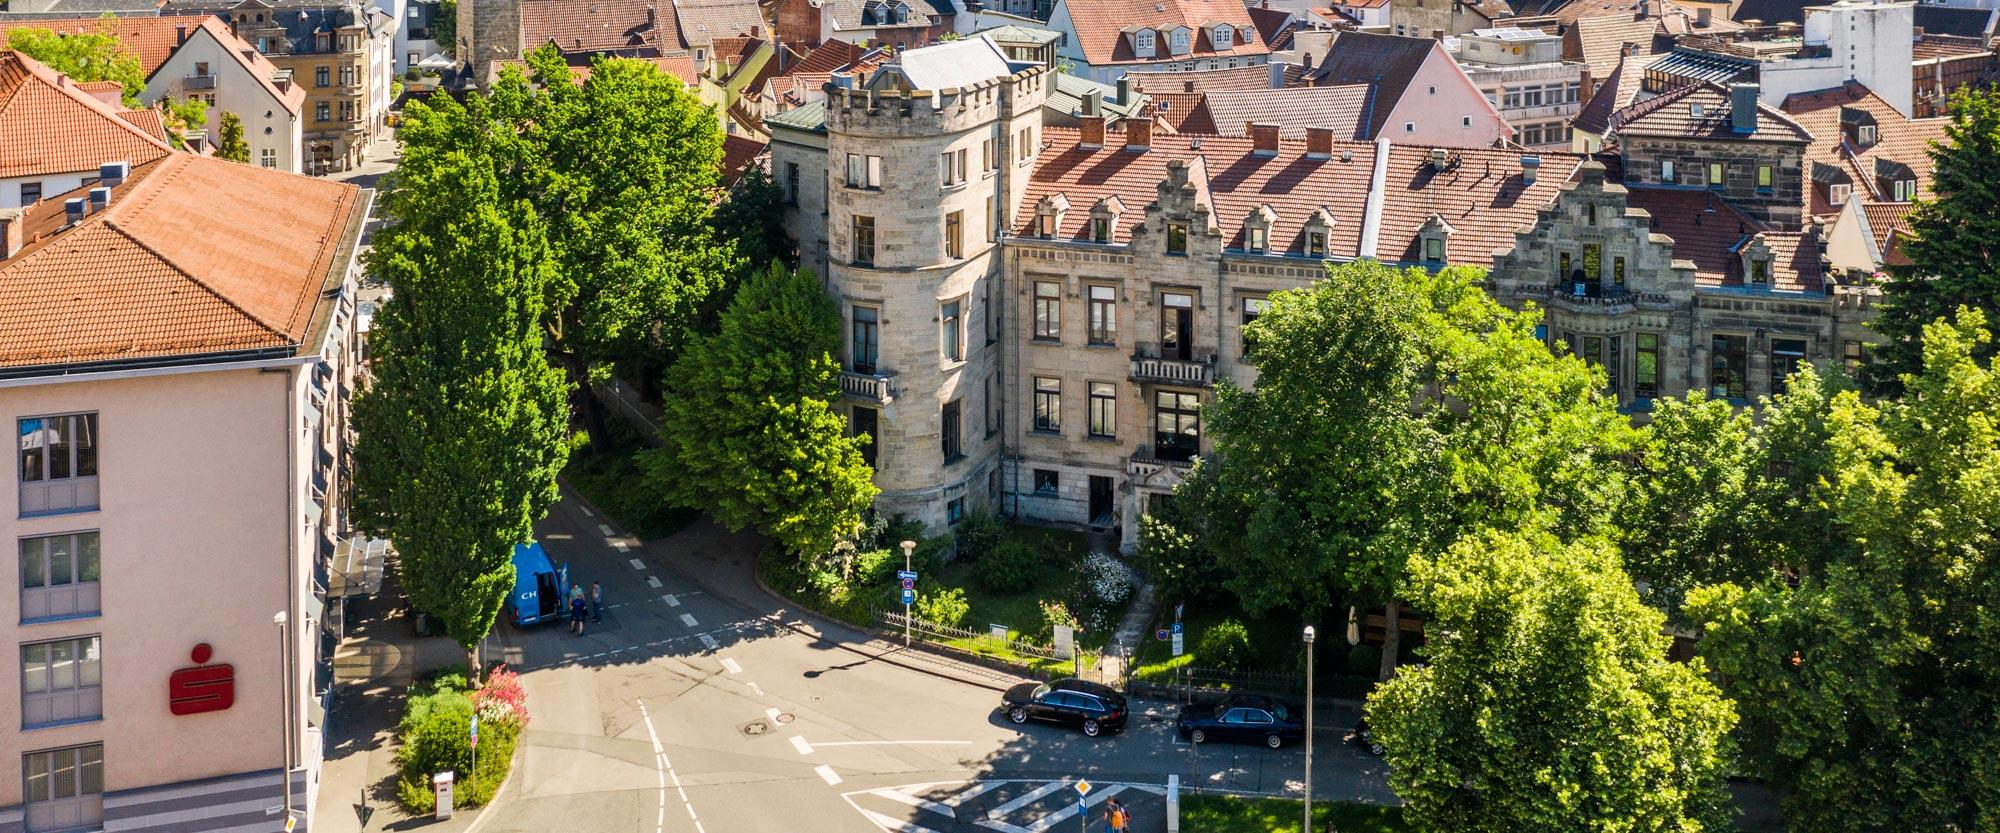 banner_ernstplatz